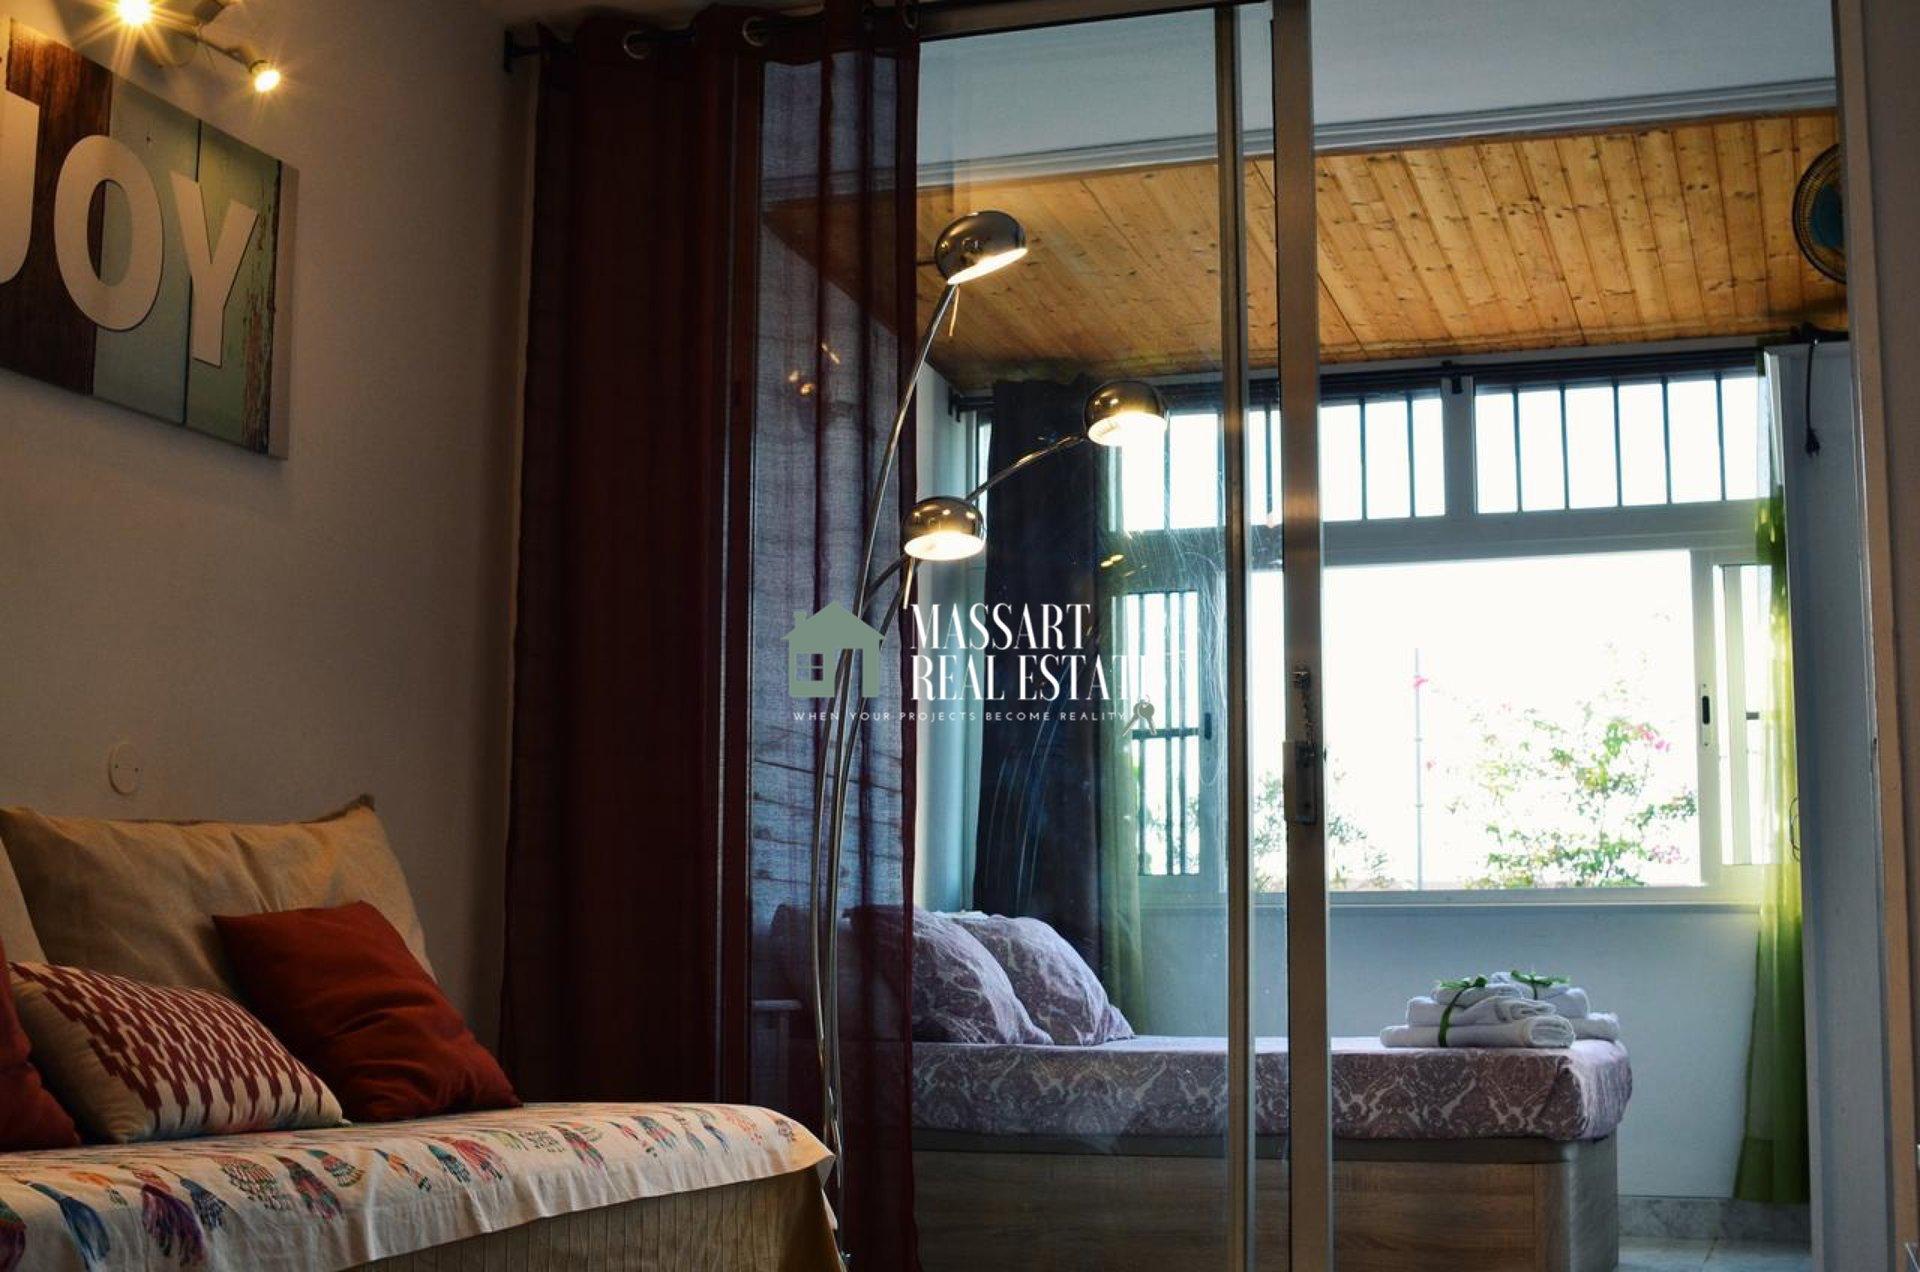 Te koop in het centrum van Costa del Silencio, in het wooncomplex El Chaparral, een studio van 40 m2 die onlangs is gerenoveerd en klaar om te genieten.